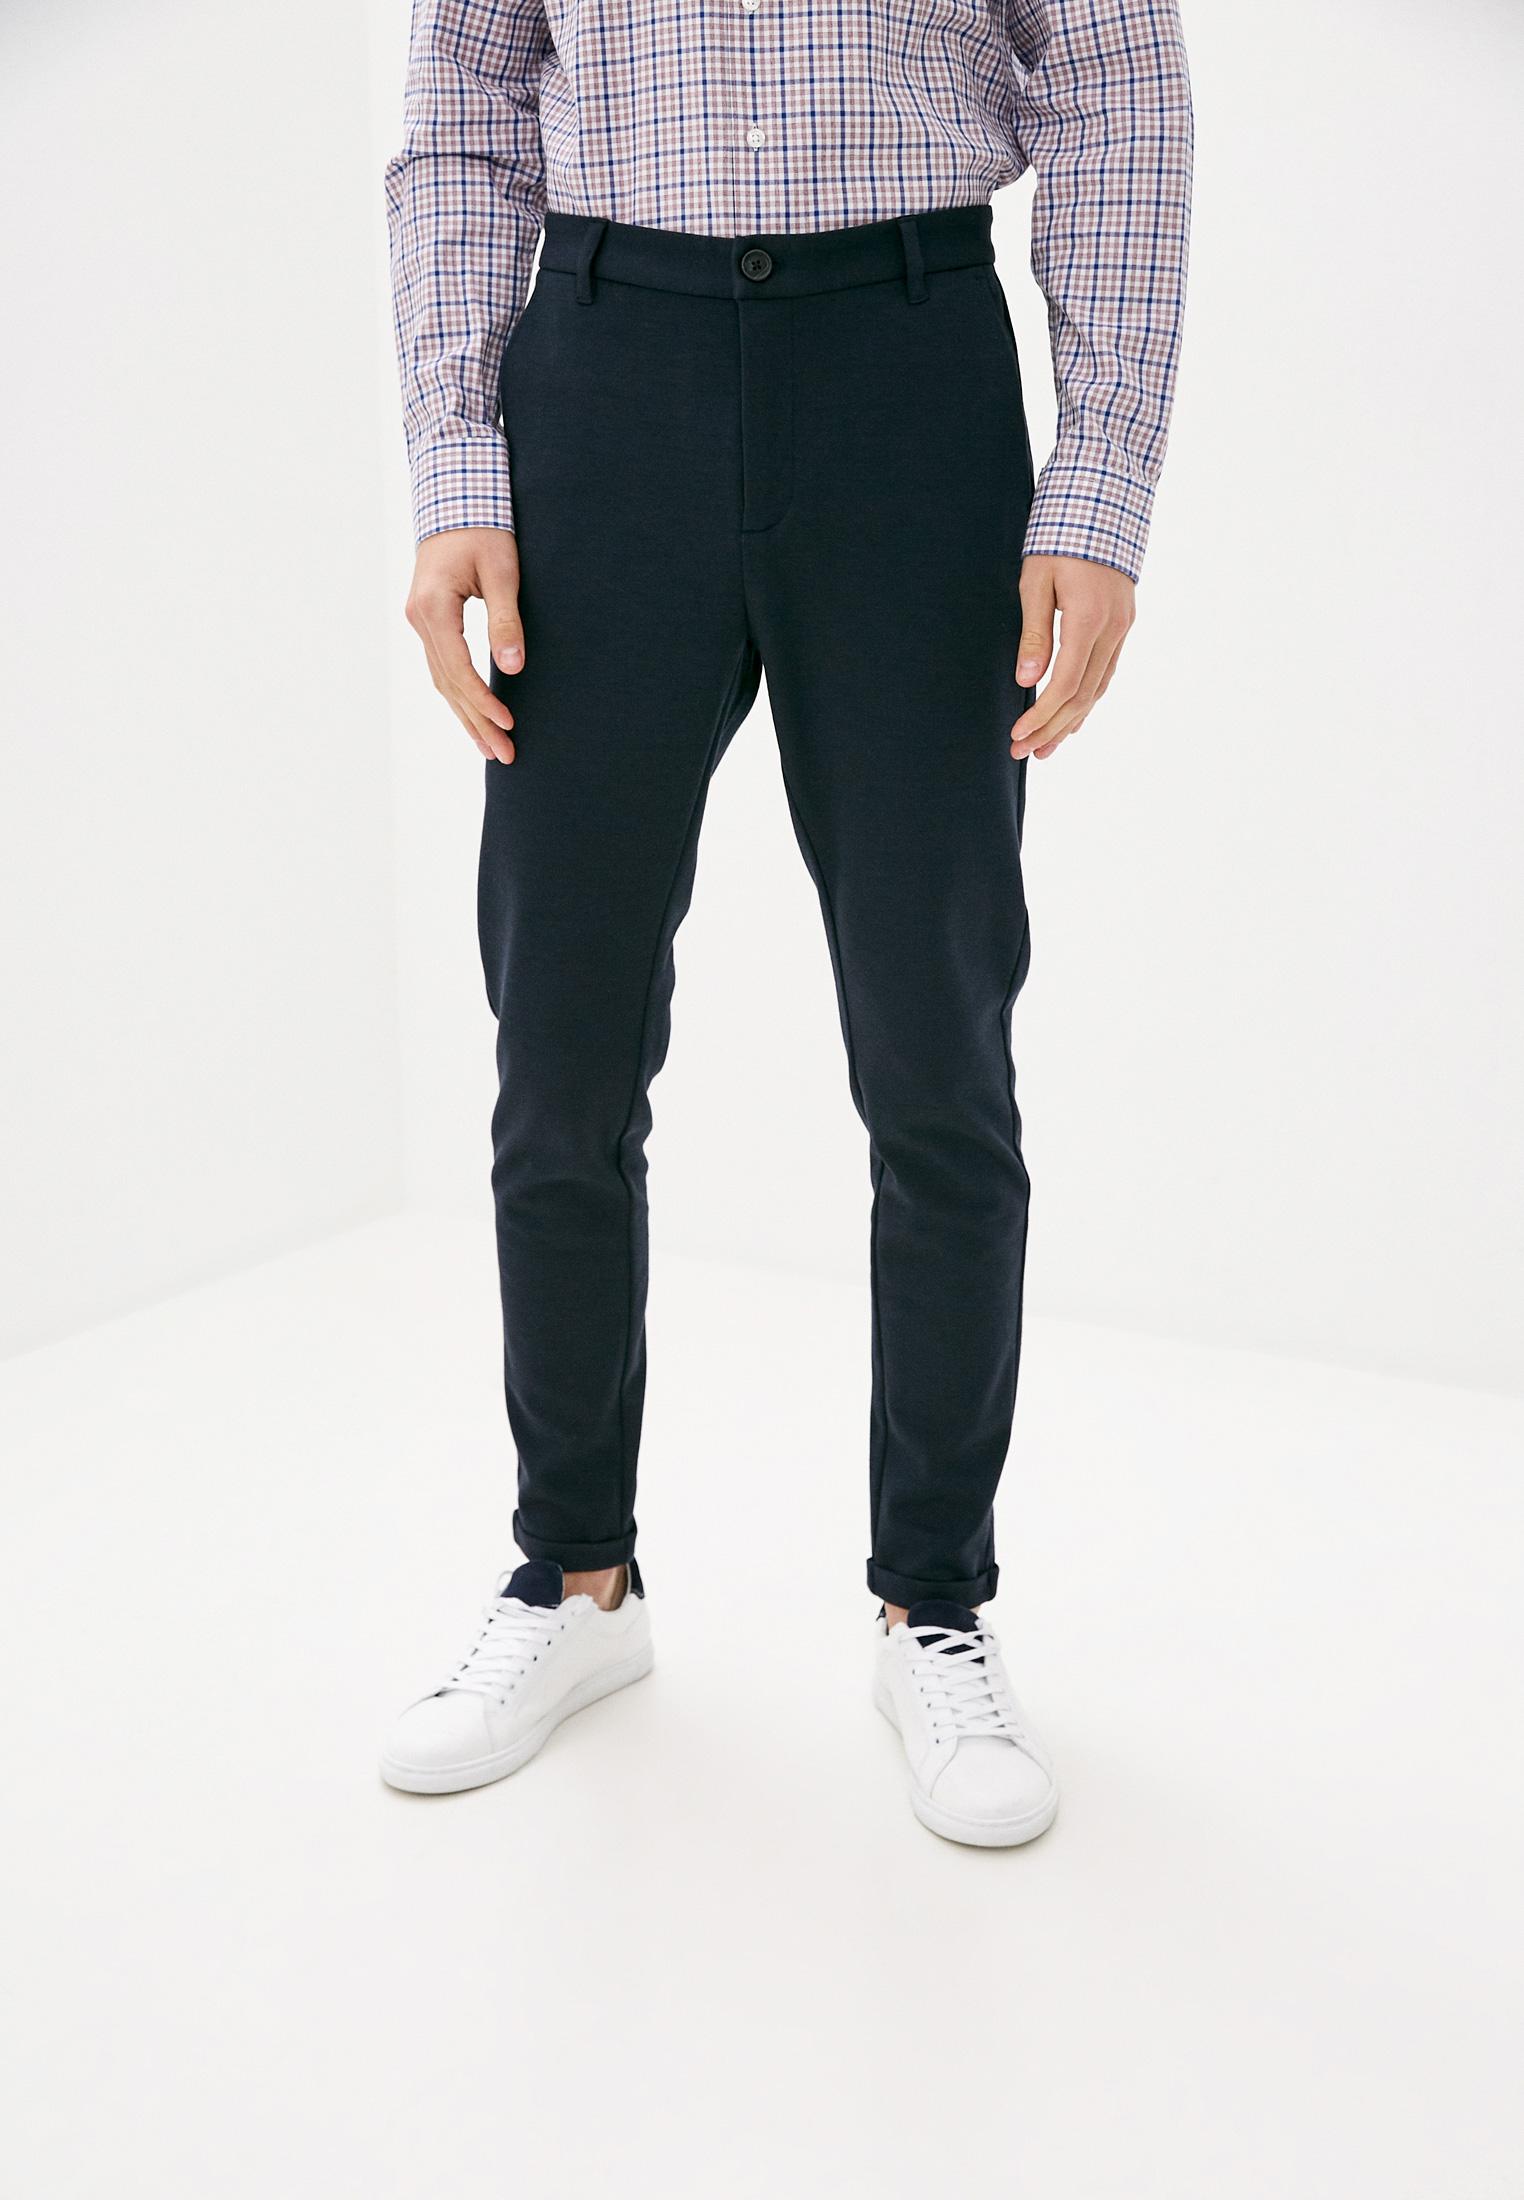 Мужские повседневные брюки LINDBERGH Брюки Lindbergh